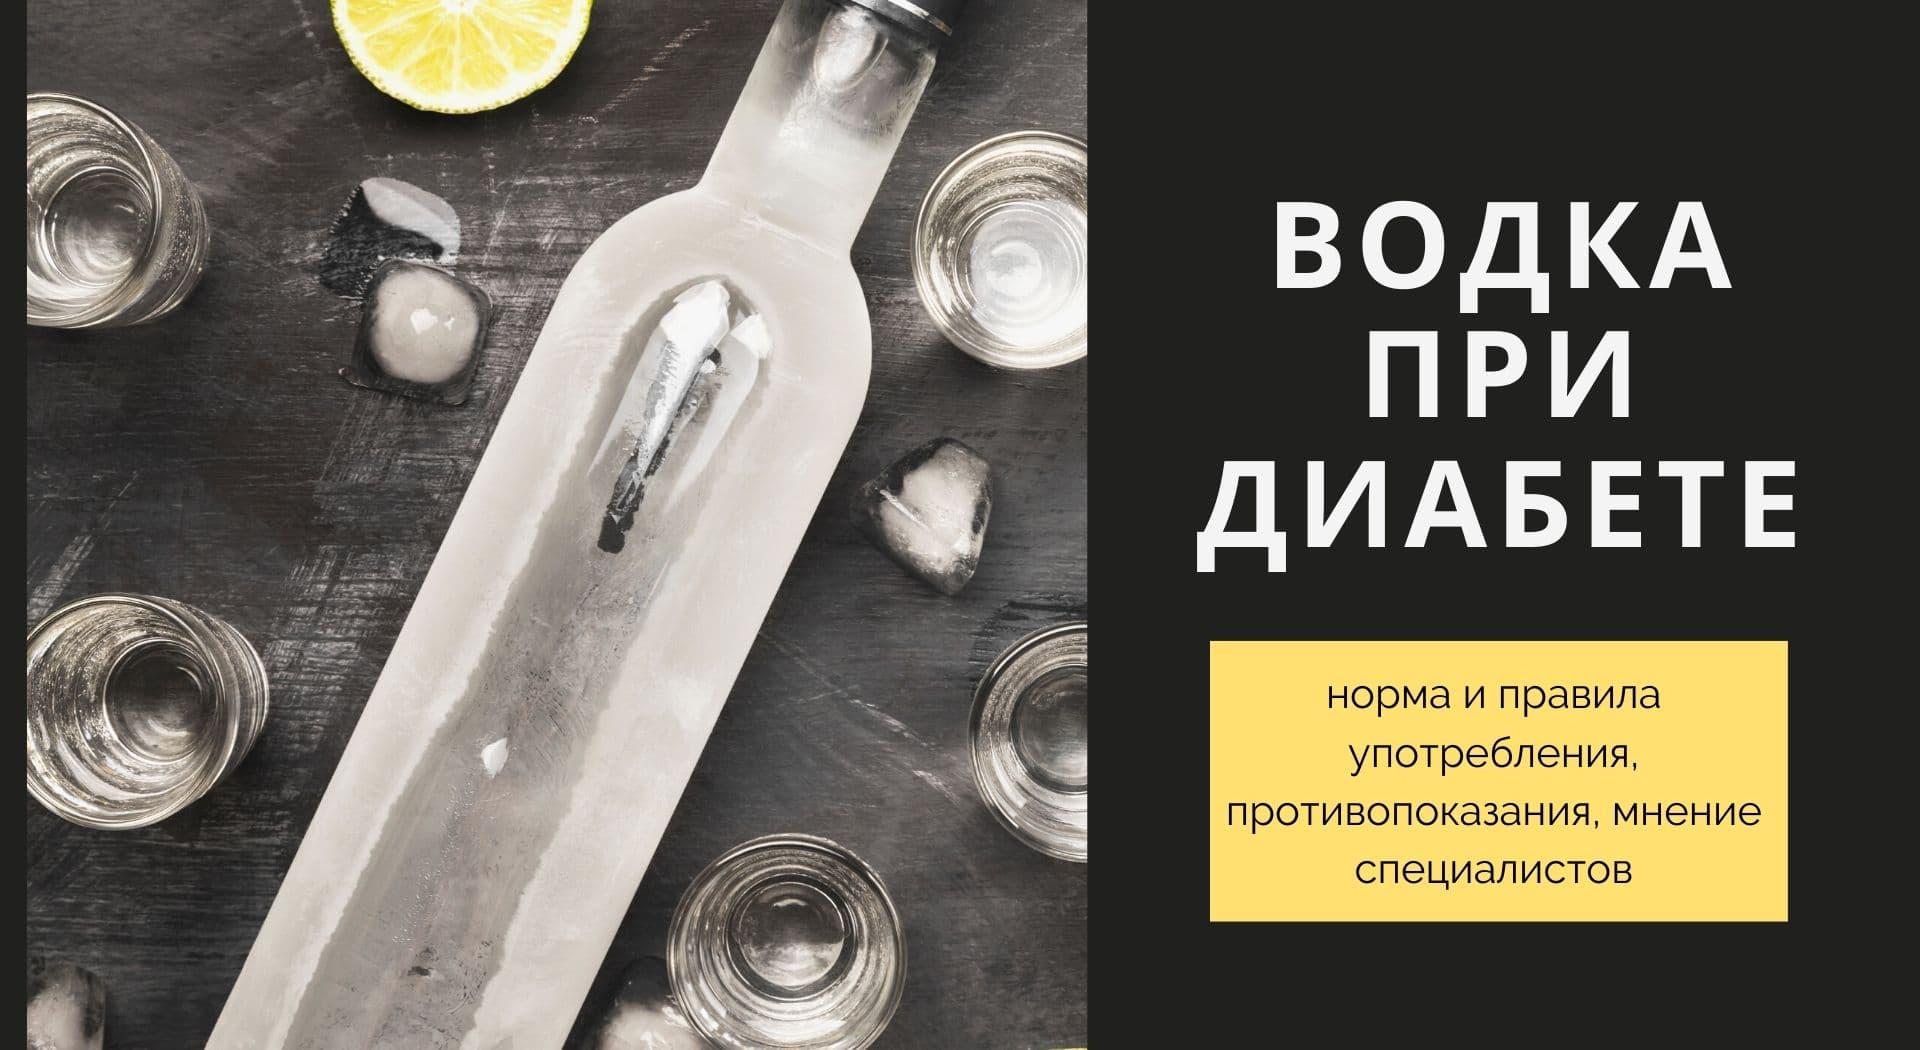 Водка при диабете: норма и правила употребления, противопоказания, мнение специалистов